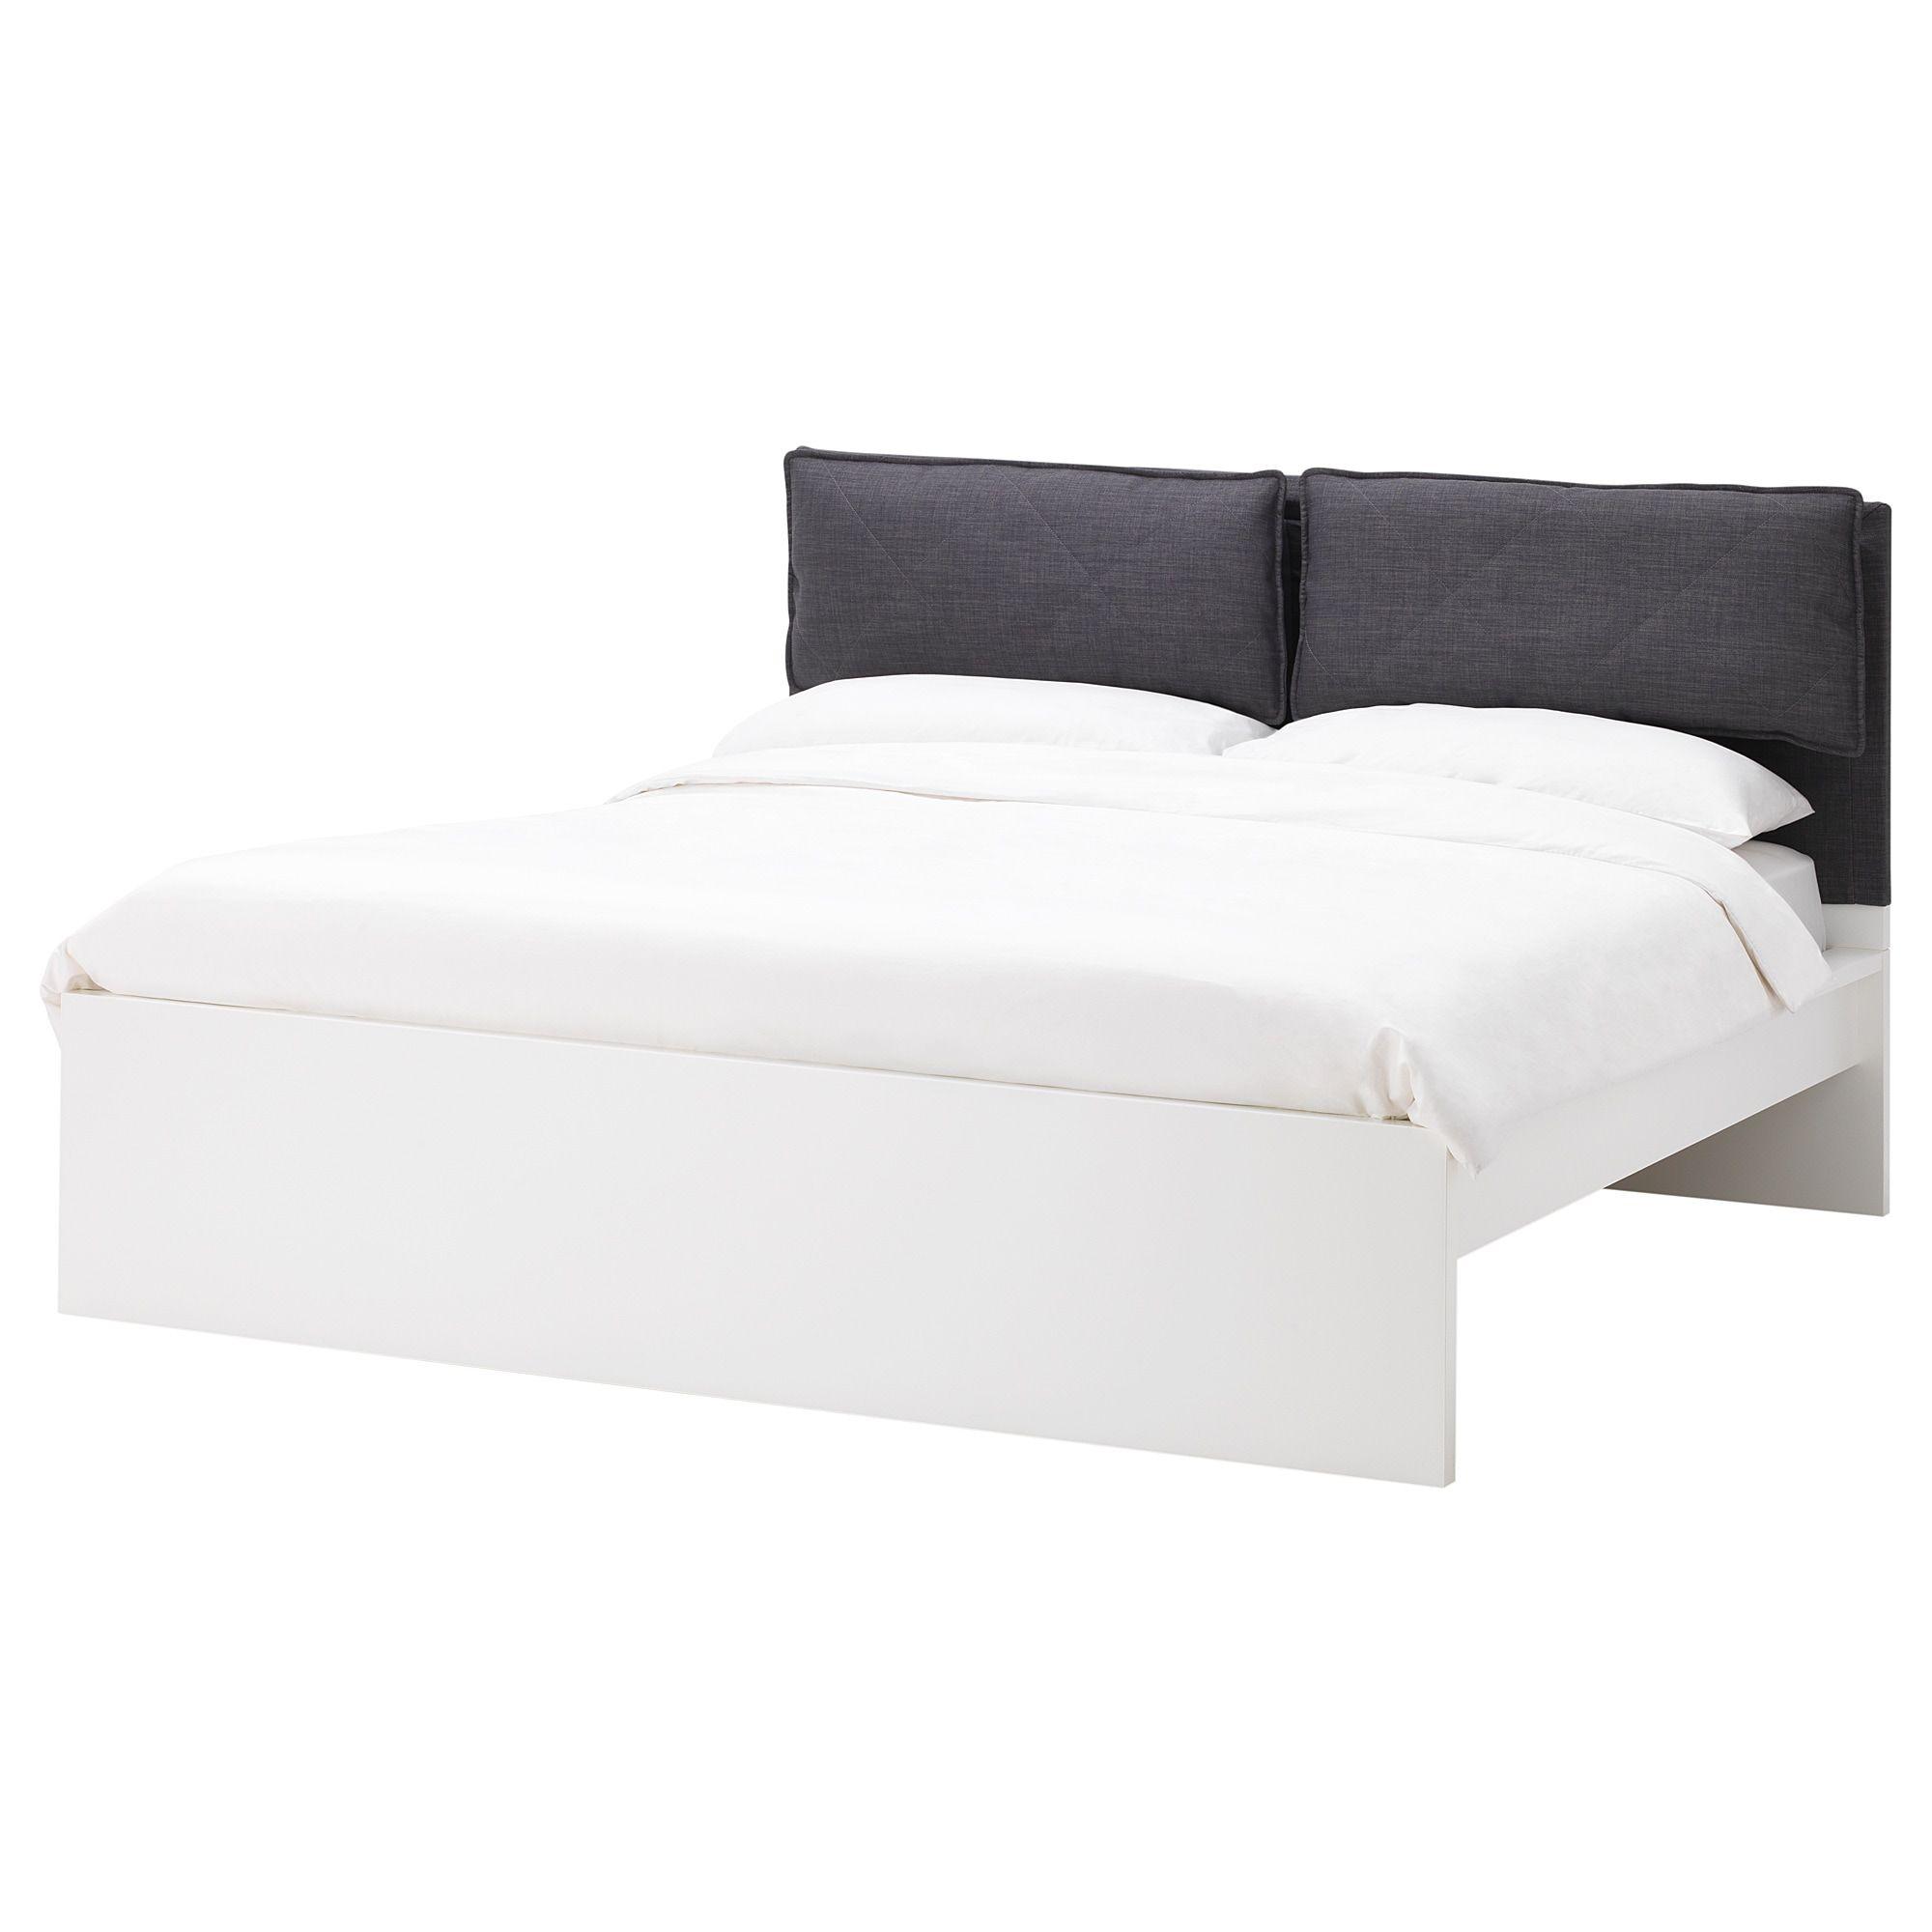 Diy Ikea Hack Plattform Bett Selber Bauen Aus Ikea Kommoden Werbung Bett Selber Bauen Ikea Diy Ikea Bett Hack